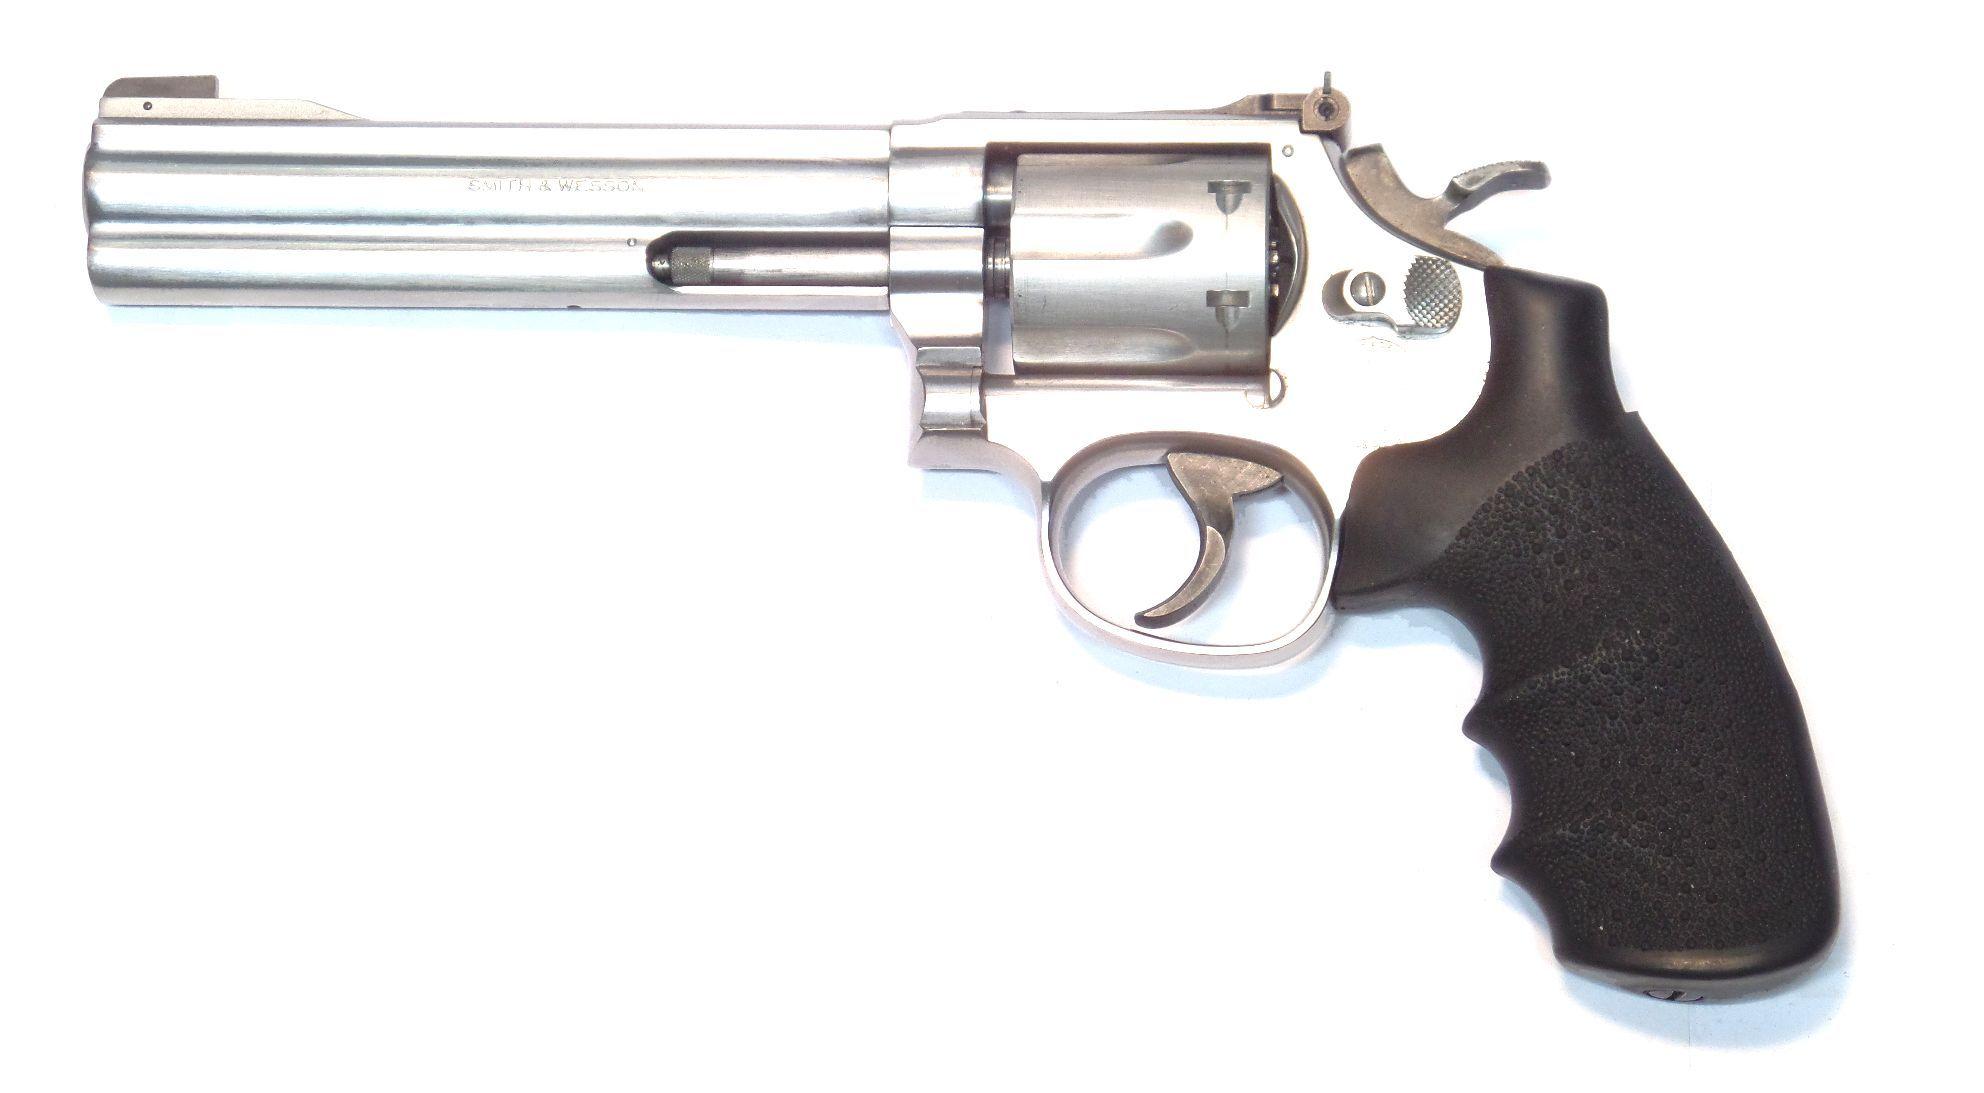 Smith & Wesson Modèle 617-1 calibre 22LR